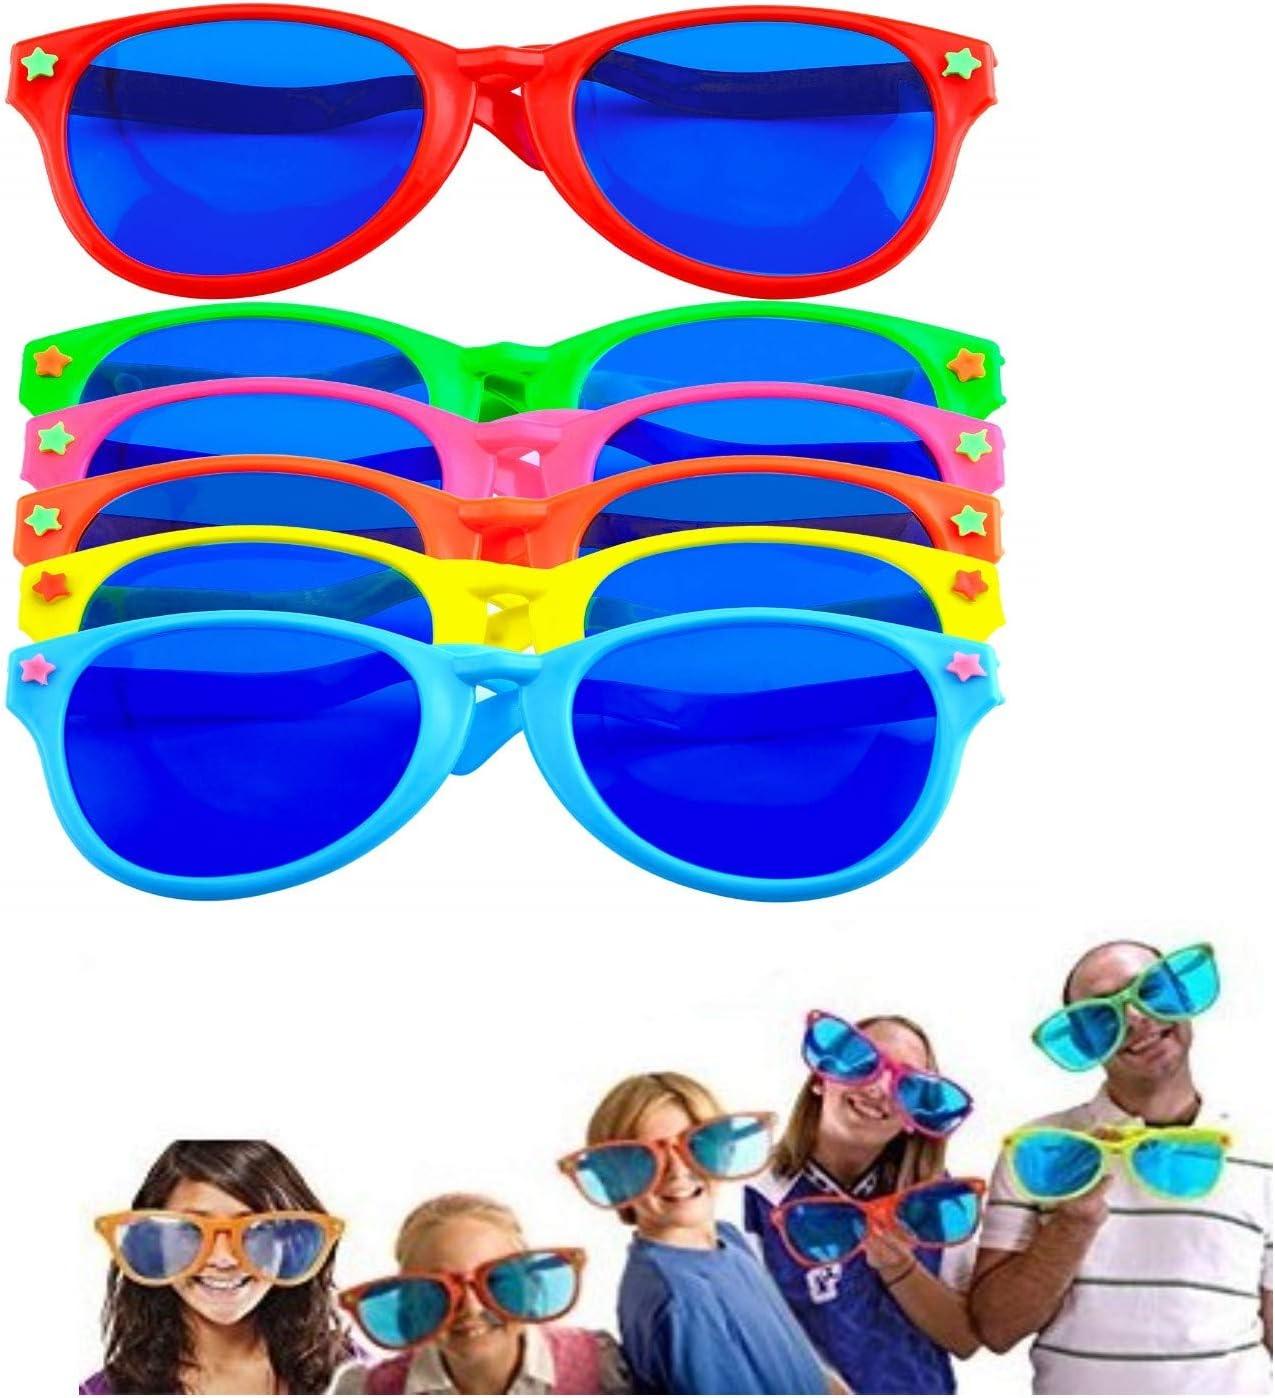 LATERN 6 Pièces Jumbo Lunettes De Soleil en Plastique Coloré Lunettes Jumbo pour Costume De Plage Déguisement Costume Photo Props Parti Fournitures